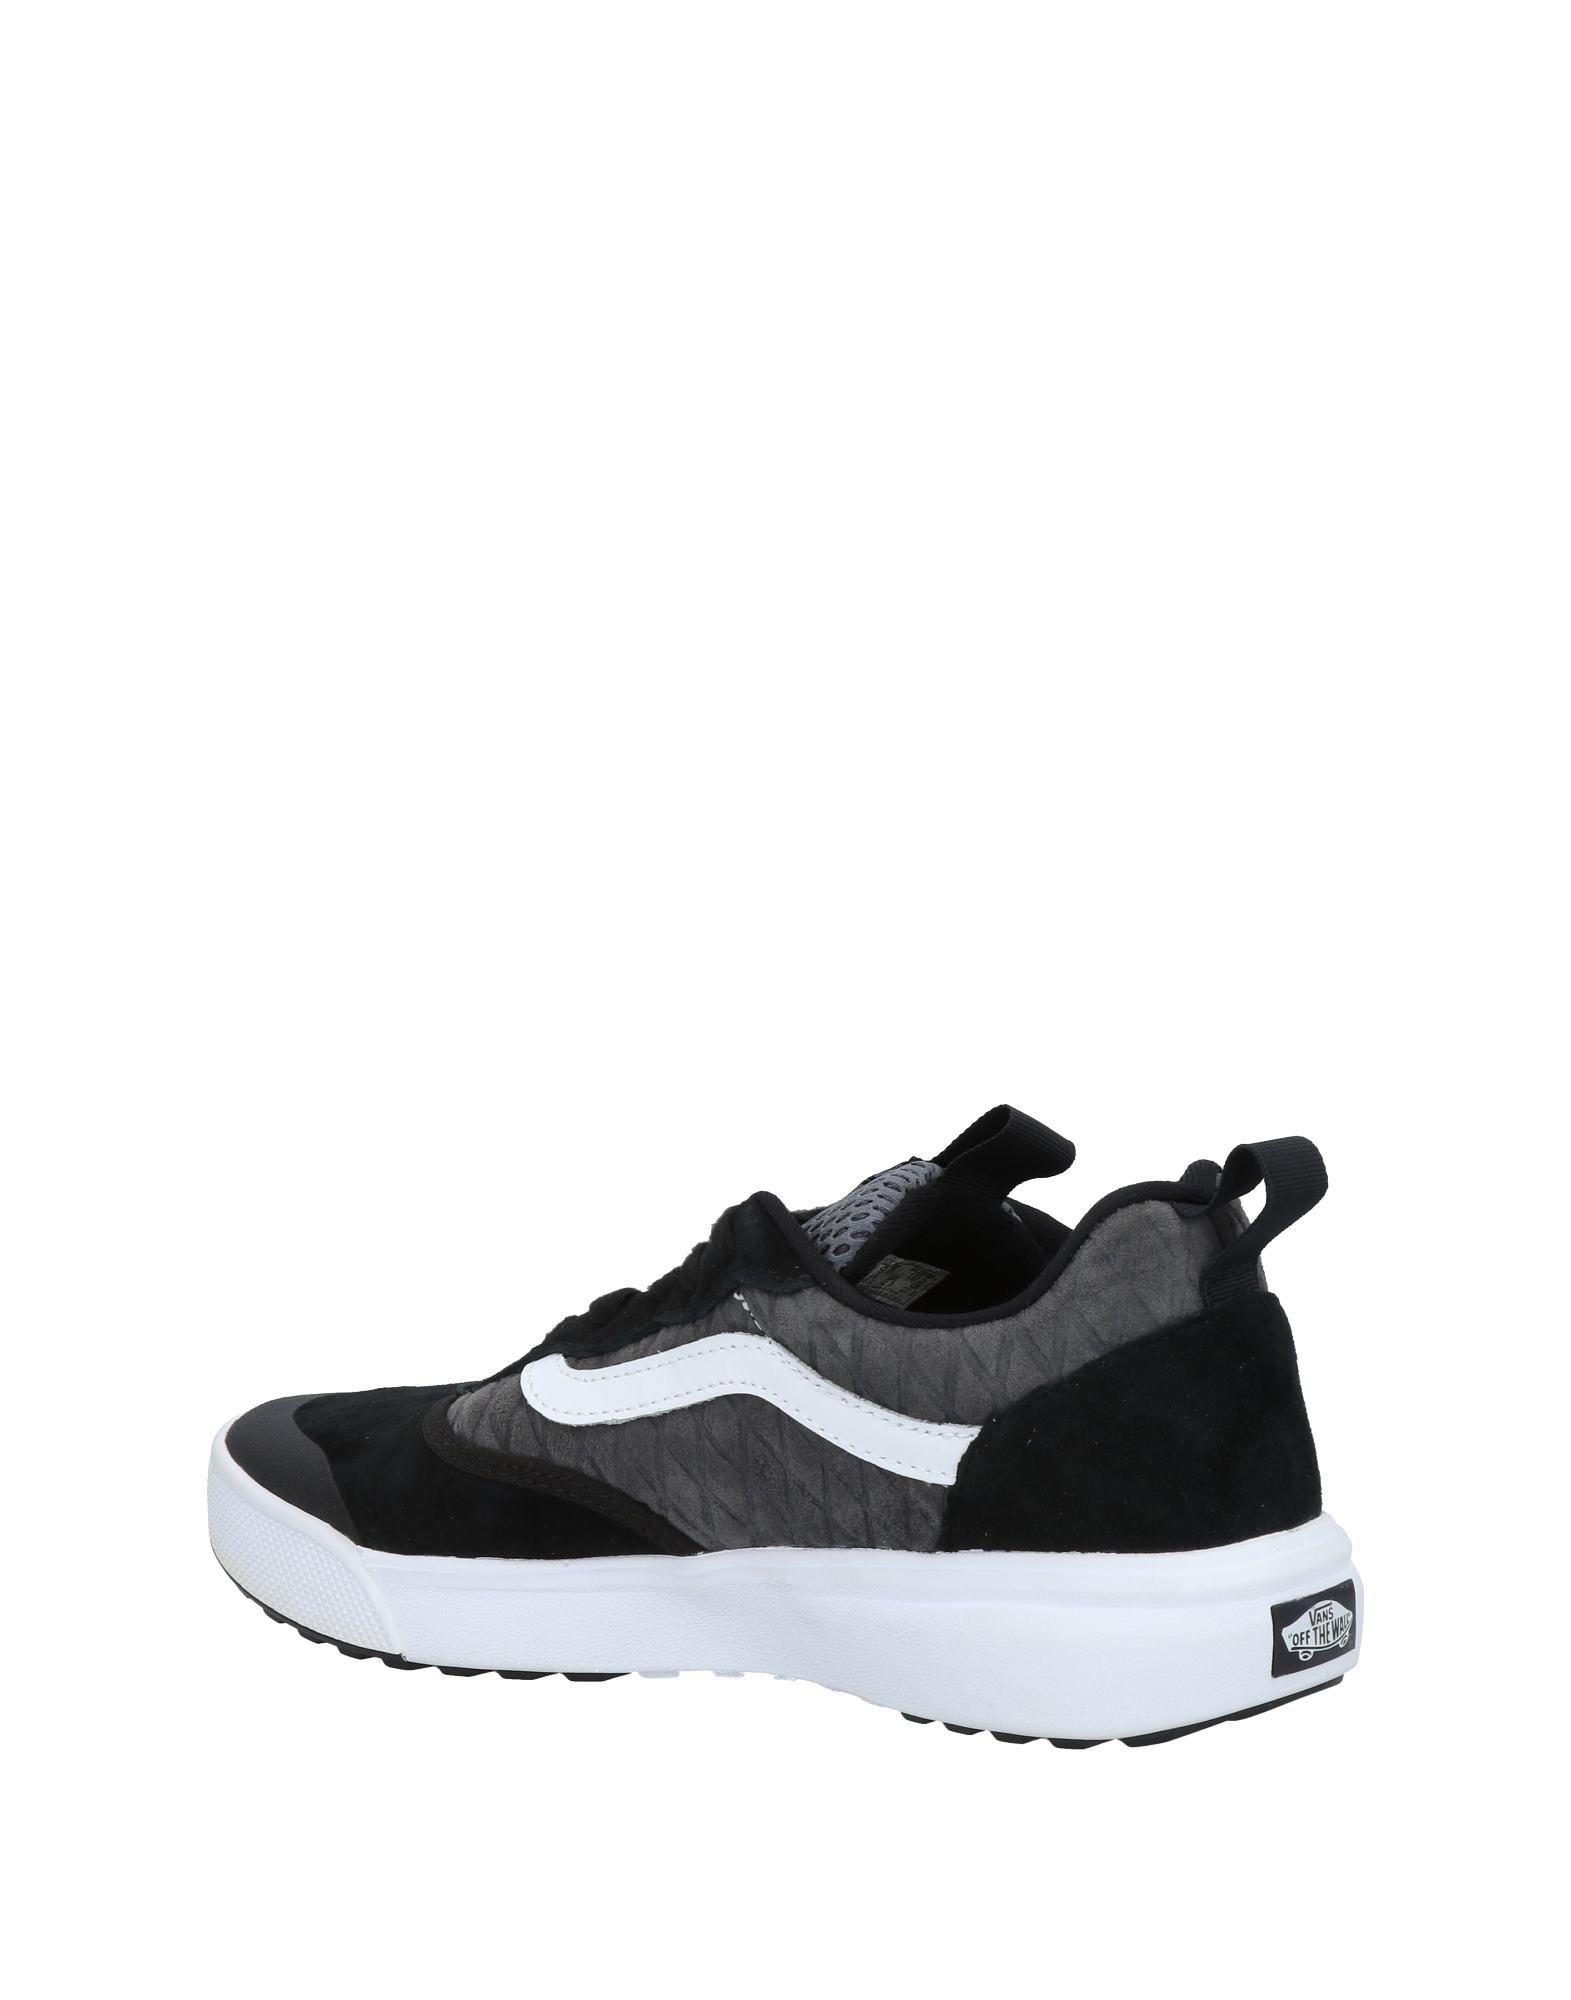 Rabatt echte Schuhe Schuhe echte Vans Sneakers Herren  11491580DK 87bcc5